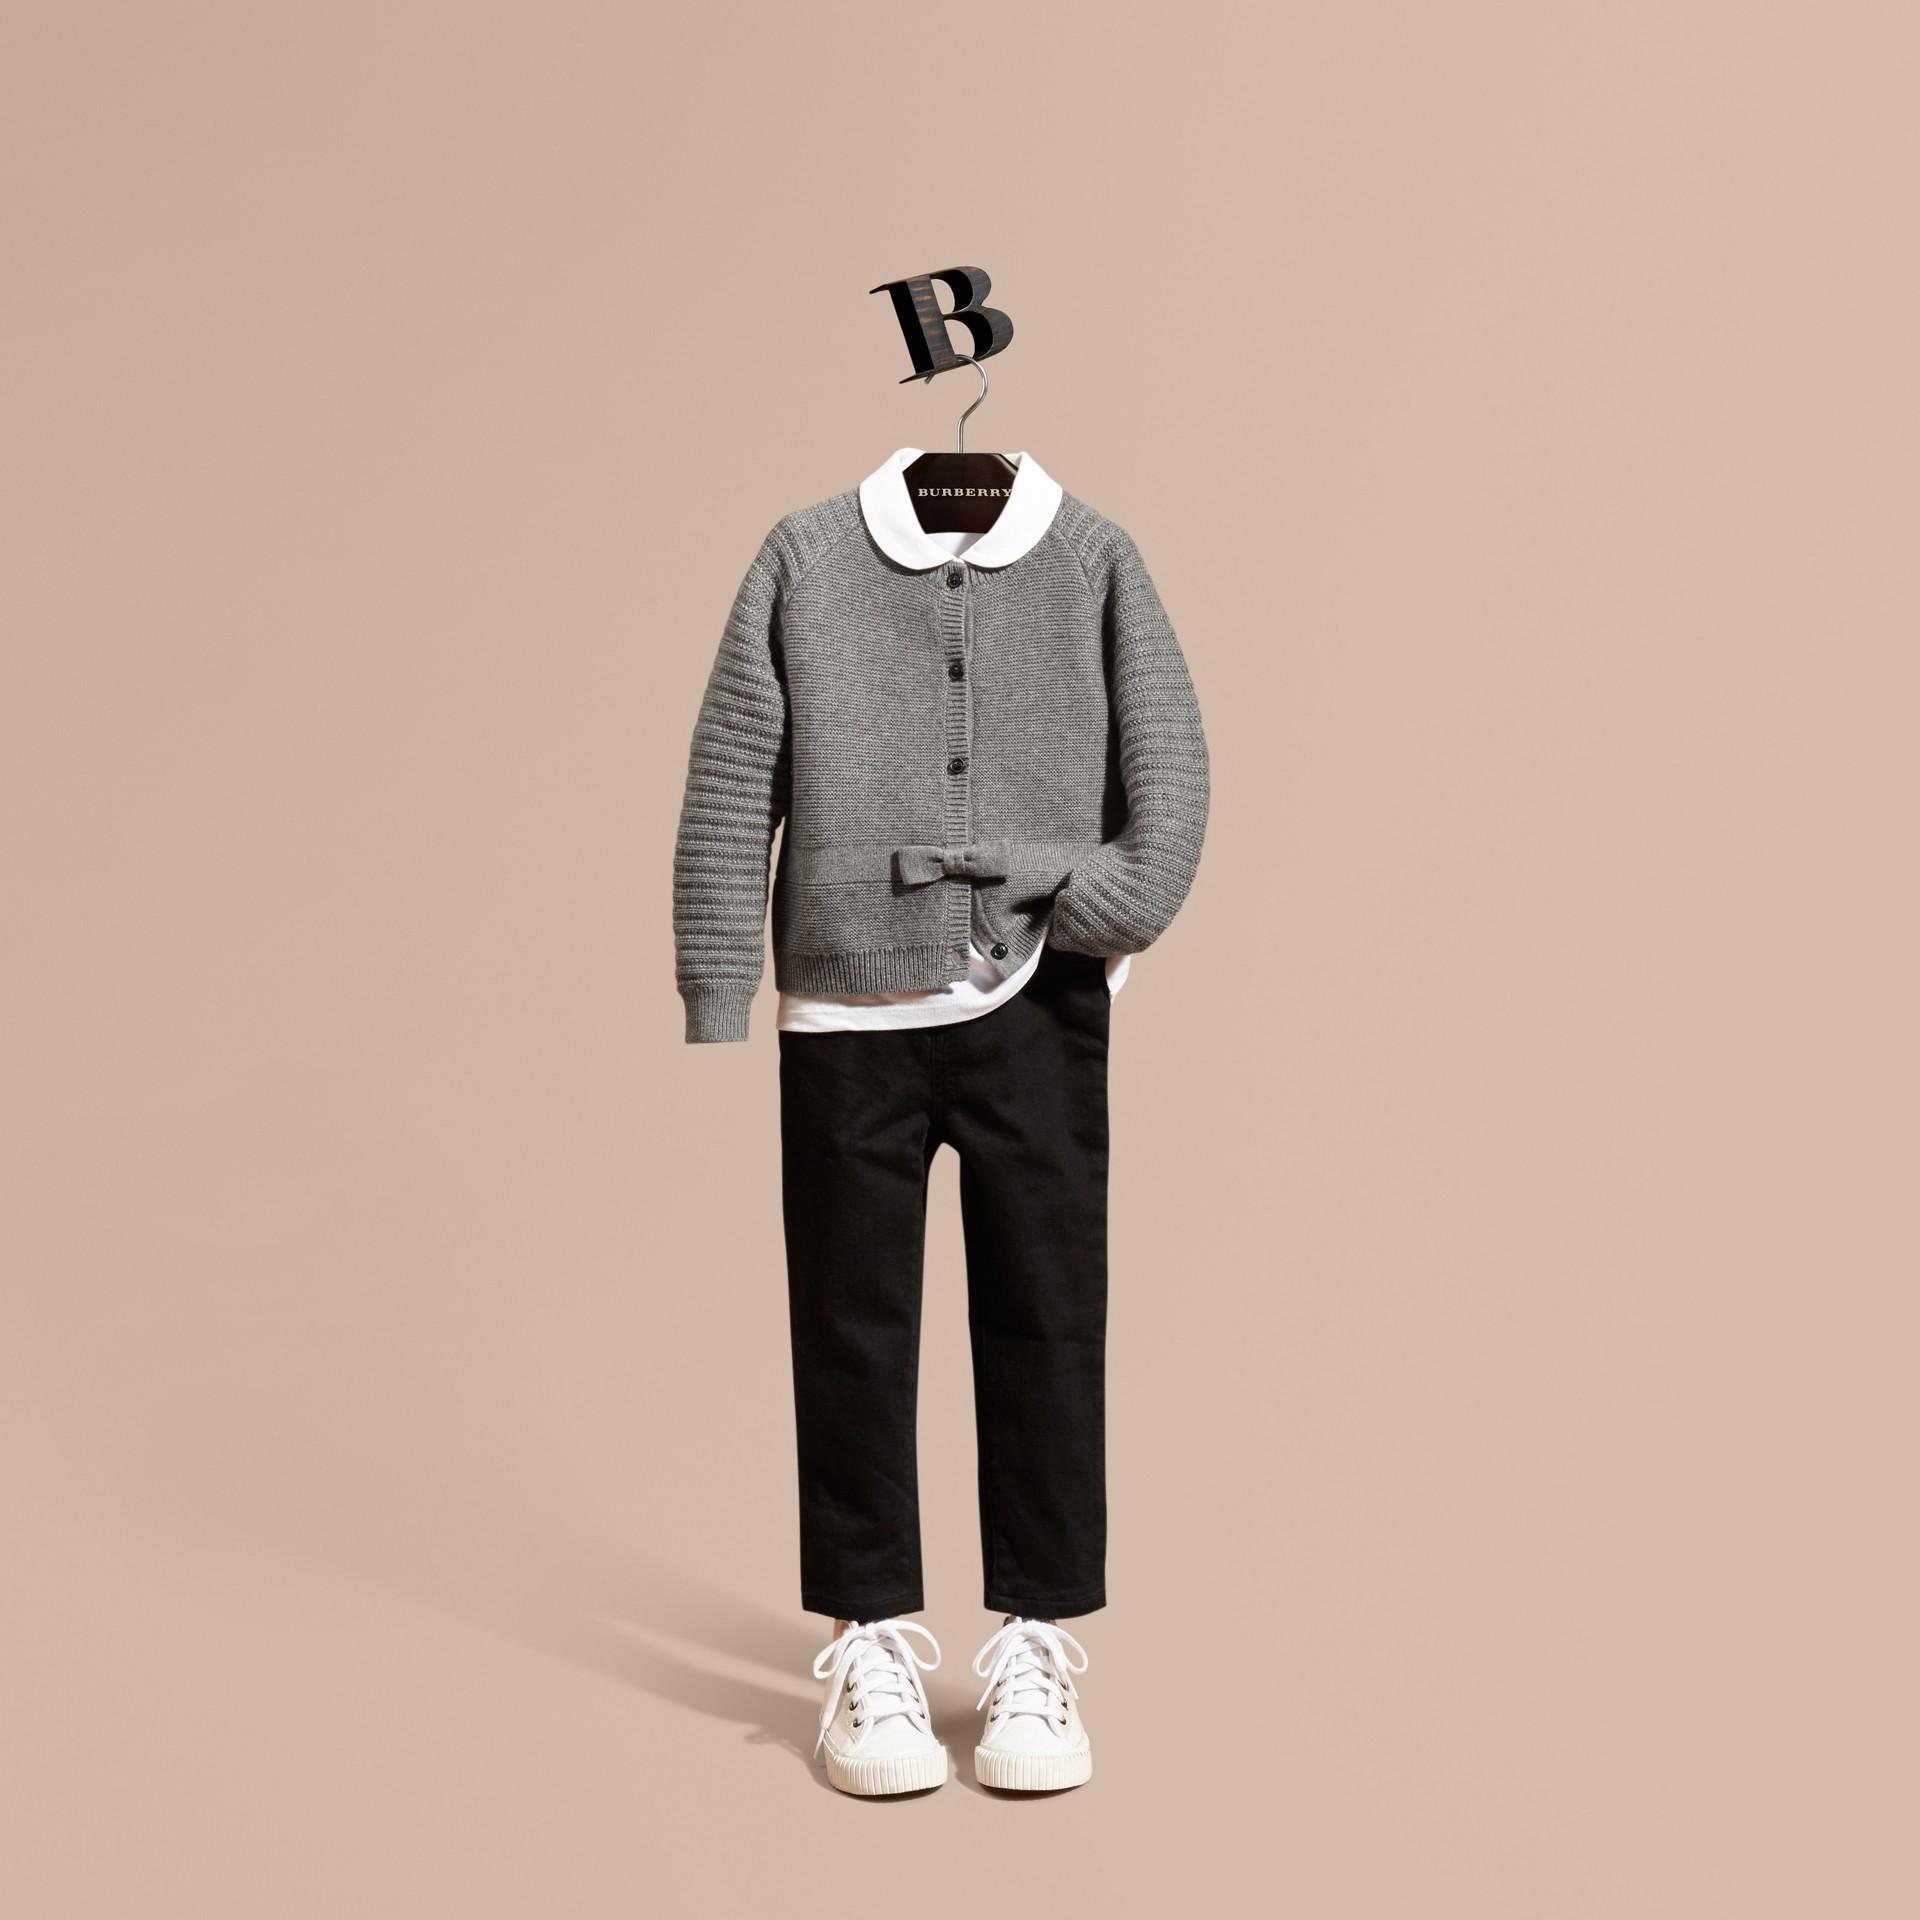 Grigio medio mélange Cardigan in cashmere e cotone con impunture multiple - immagine della galleria 1